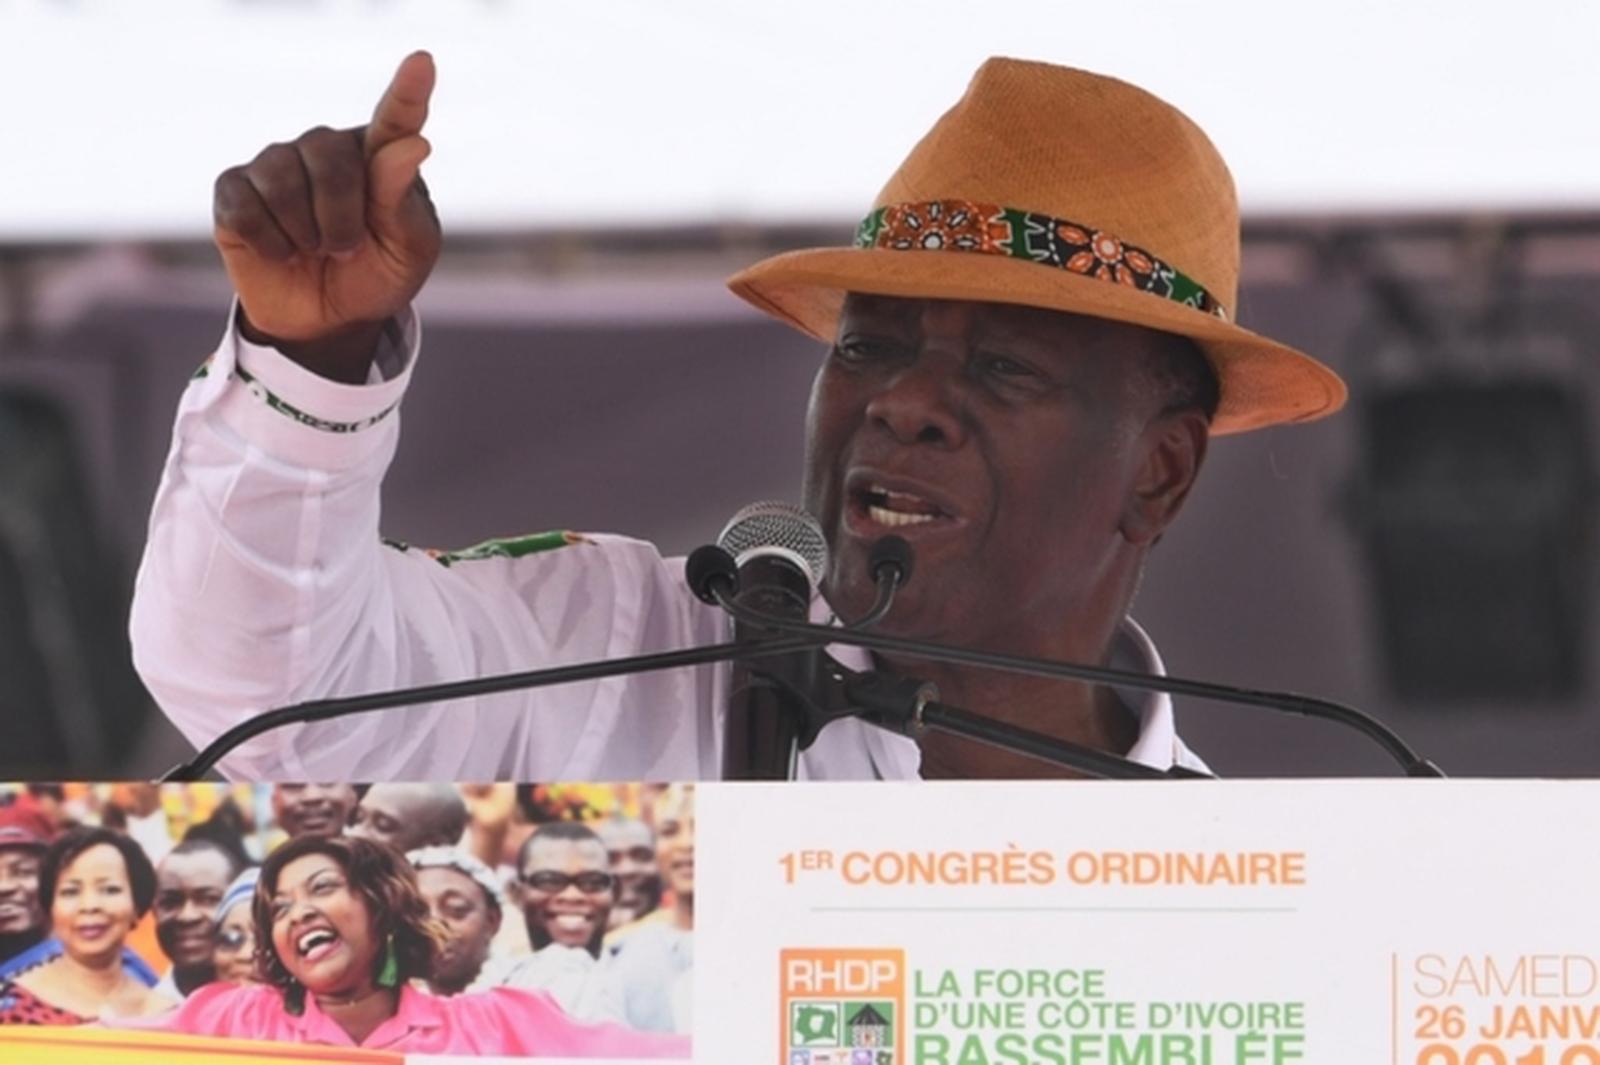 Le président Ivoirien Alassane Ouattara, en campagne présidentielle 2020